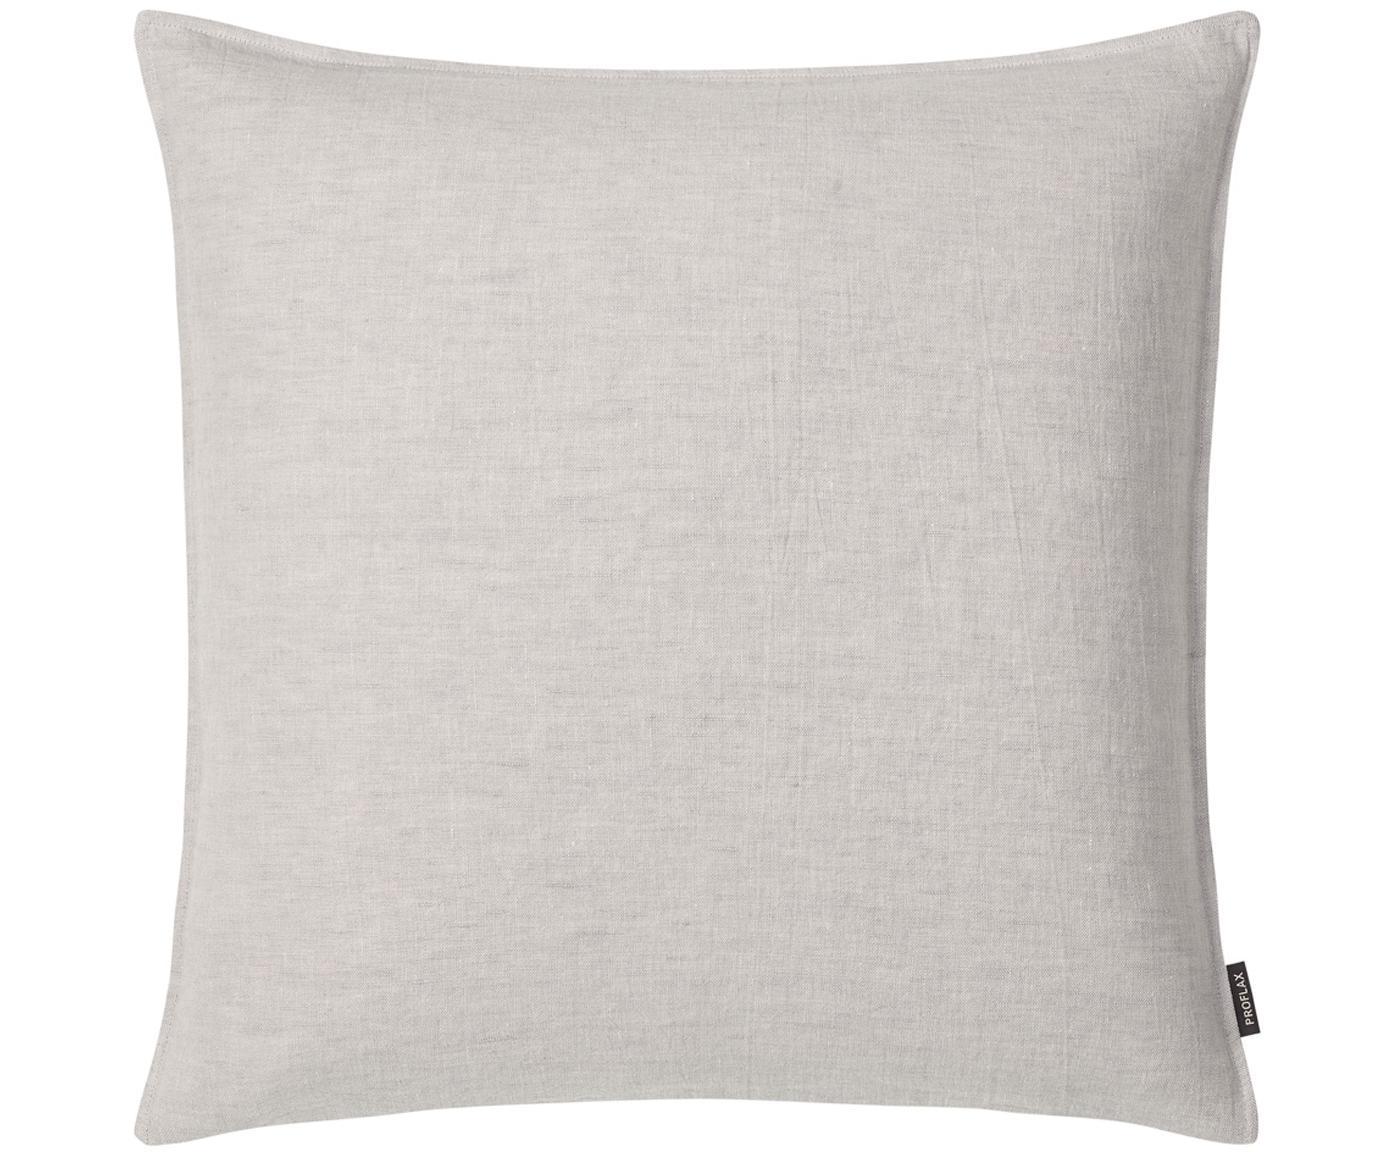 Poszewka na poduszkę z lnu z efektem sprania Sven, 100% len, Srebrny, szary, S 60 x D 60 cm